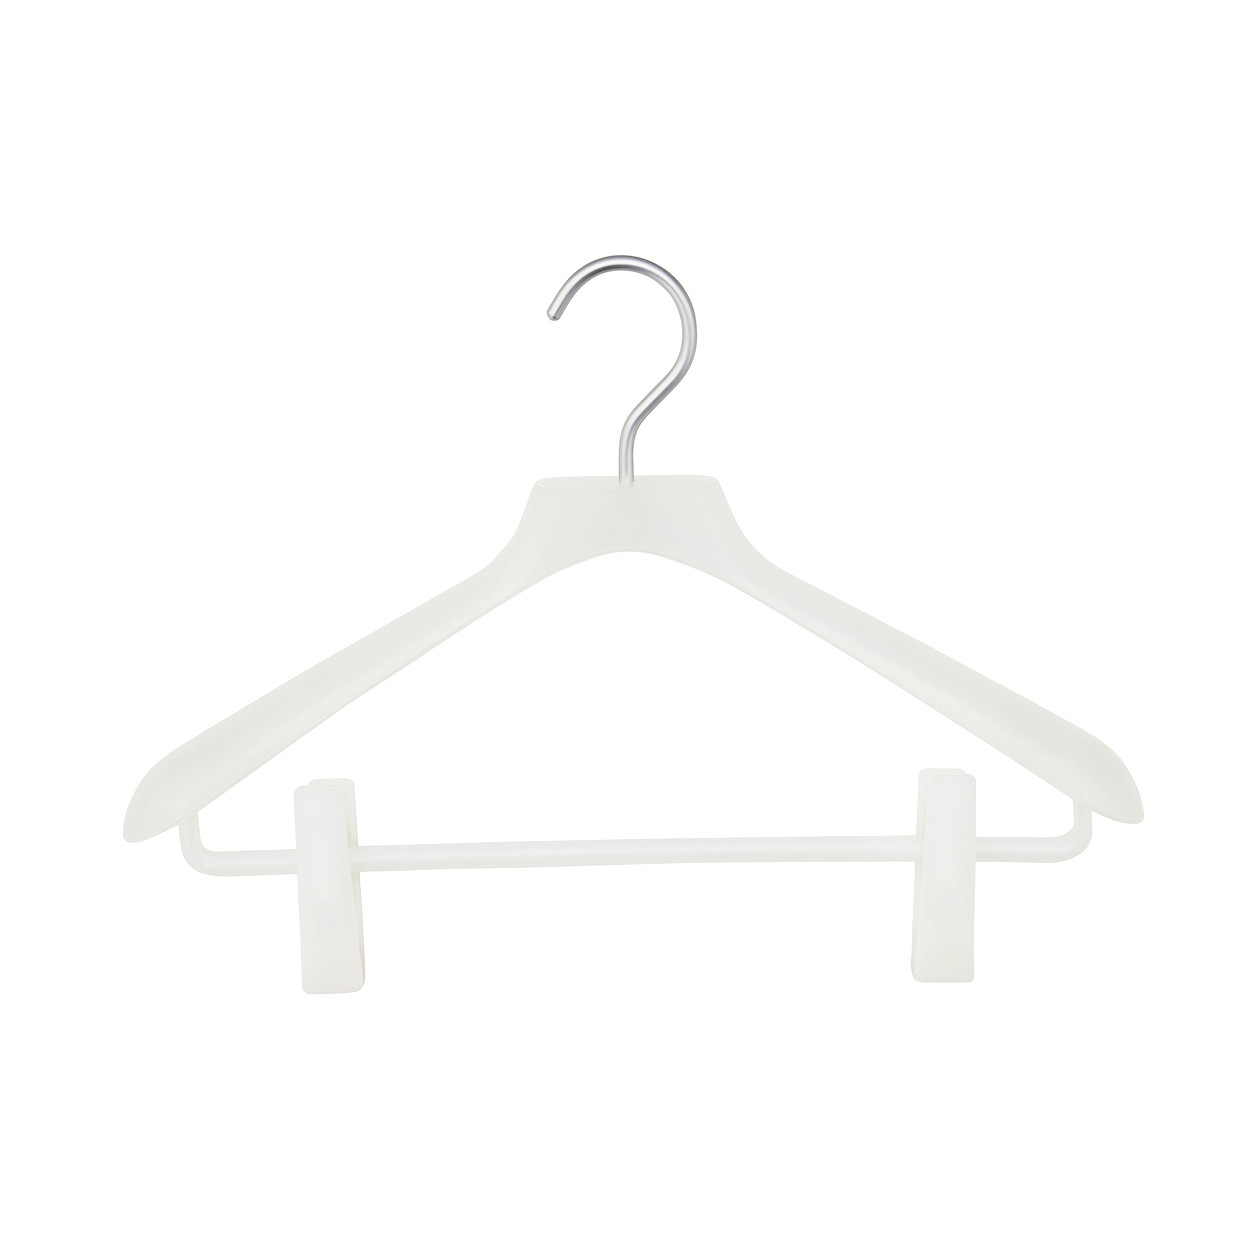 【まとめ買い】ポリプロピレンハンガー・婦人用・ピンチ付